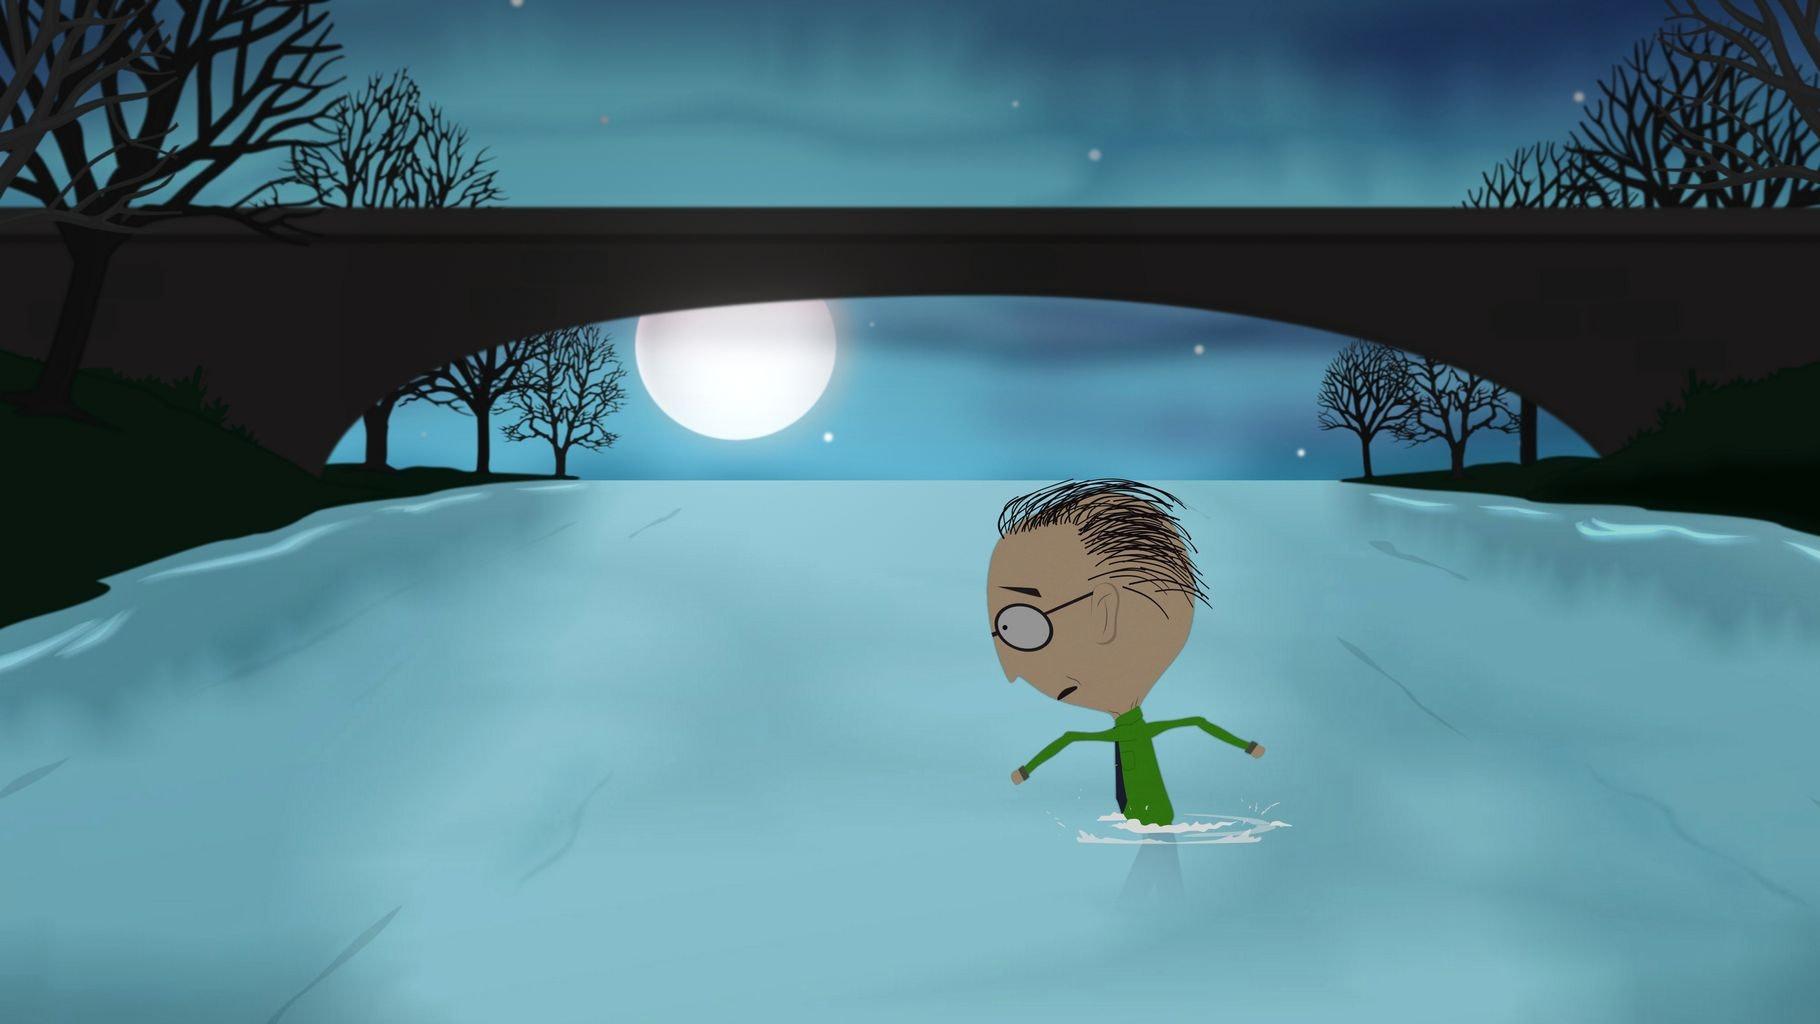 When Does 'South Park' Come Back? Trey Parker & Matt Stone